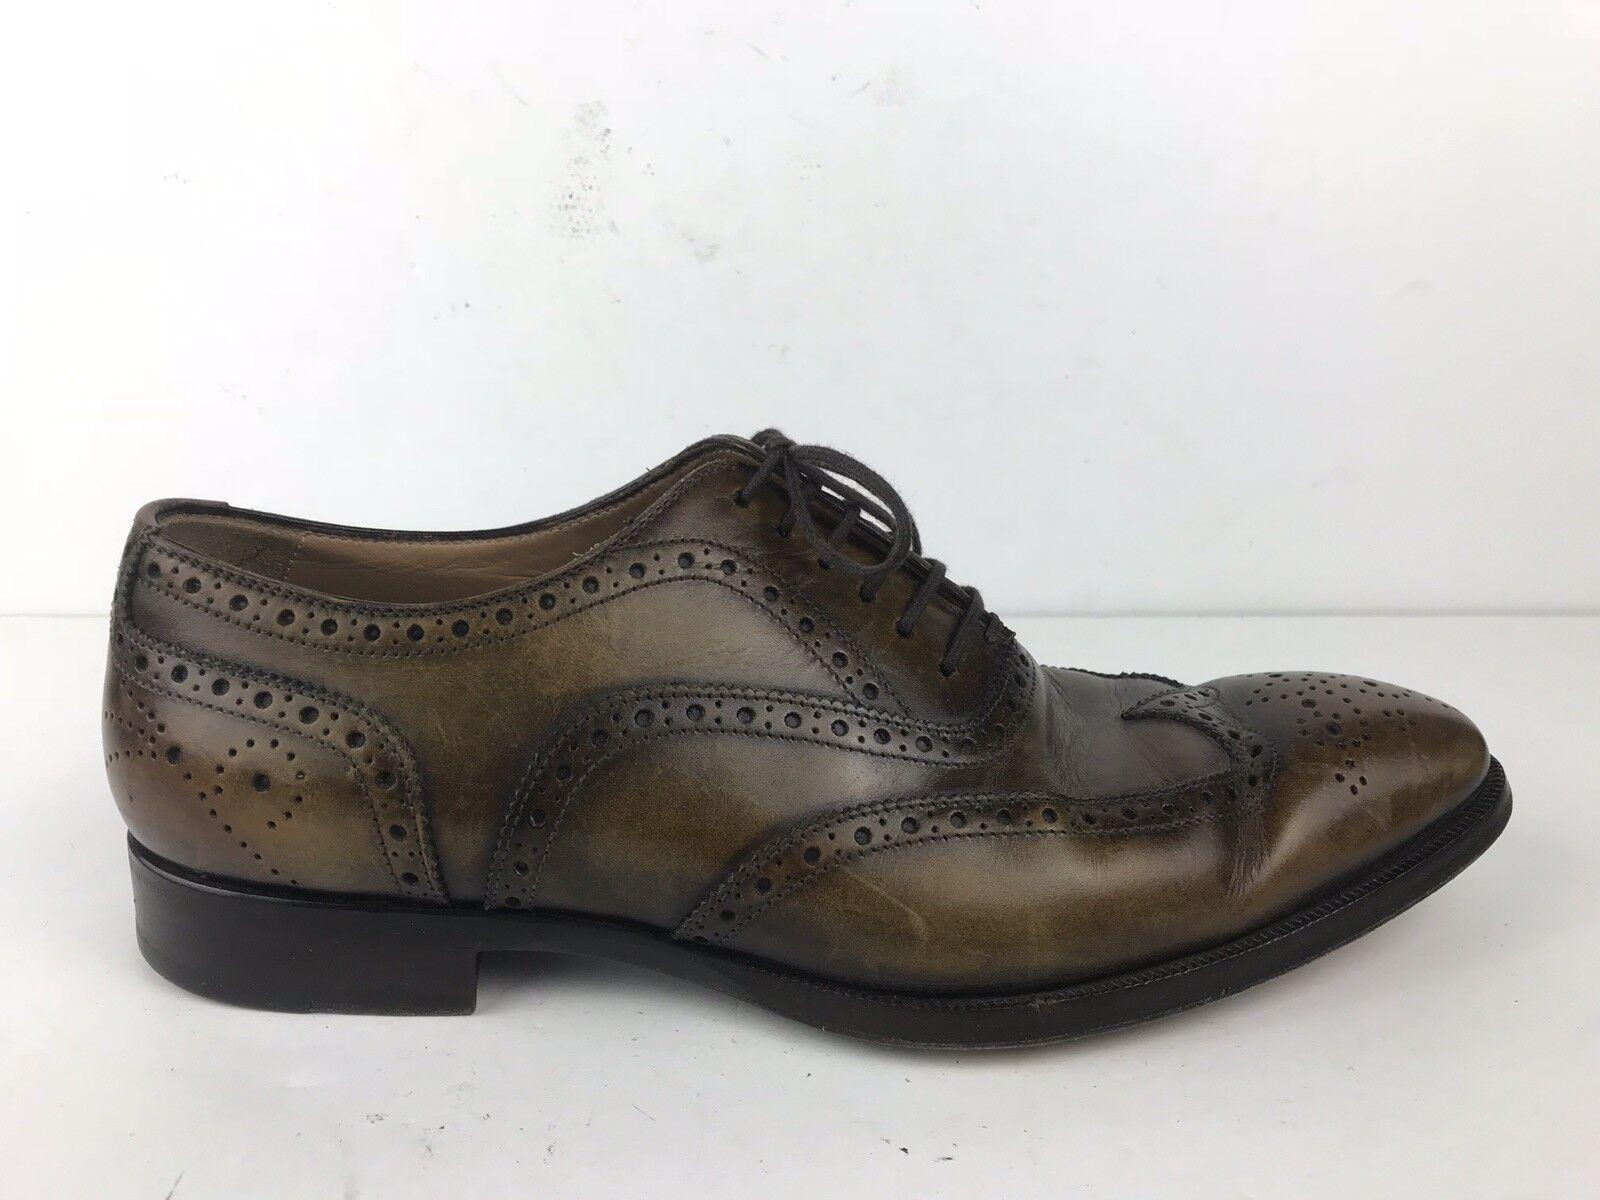 Bianco zapatos Para Hombre Talla Di 8.5 punta del ala bruñido Mocasín Marrón Hecha En Italia